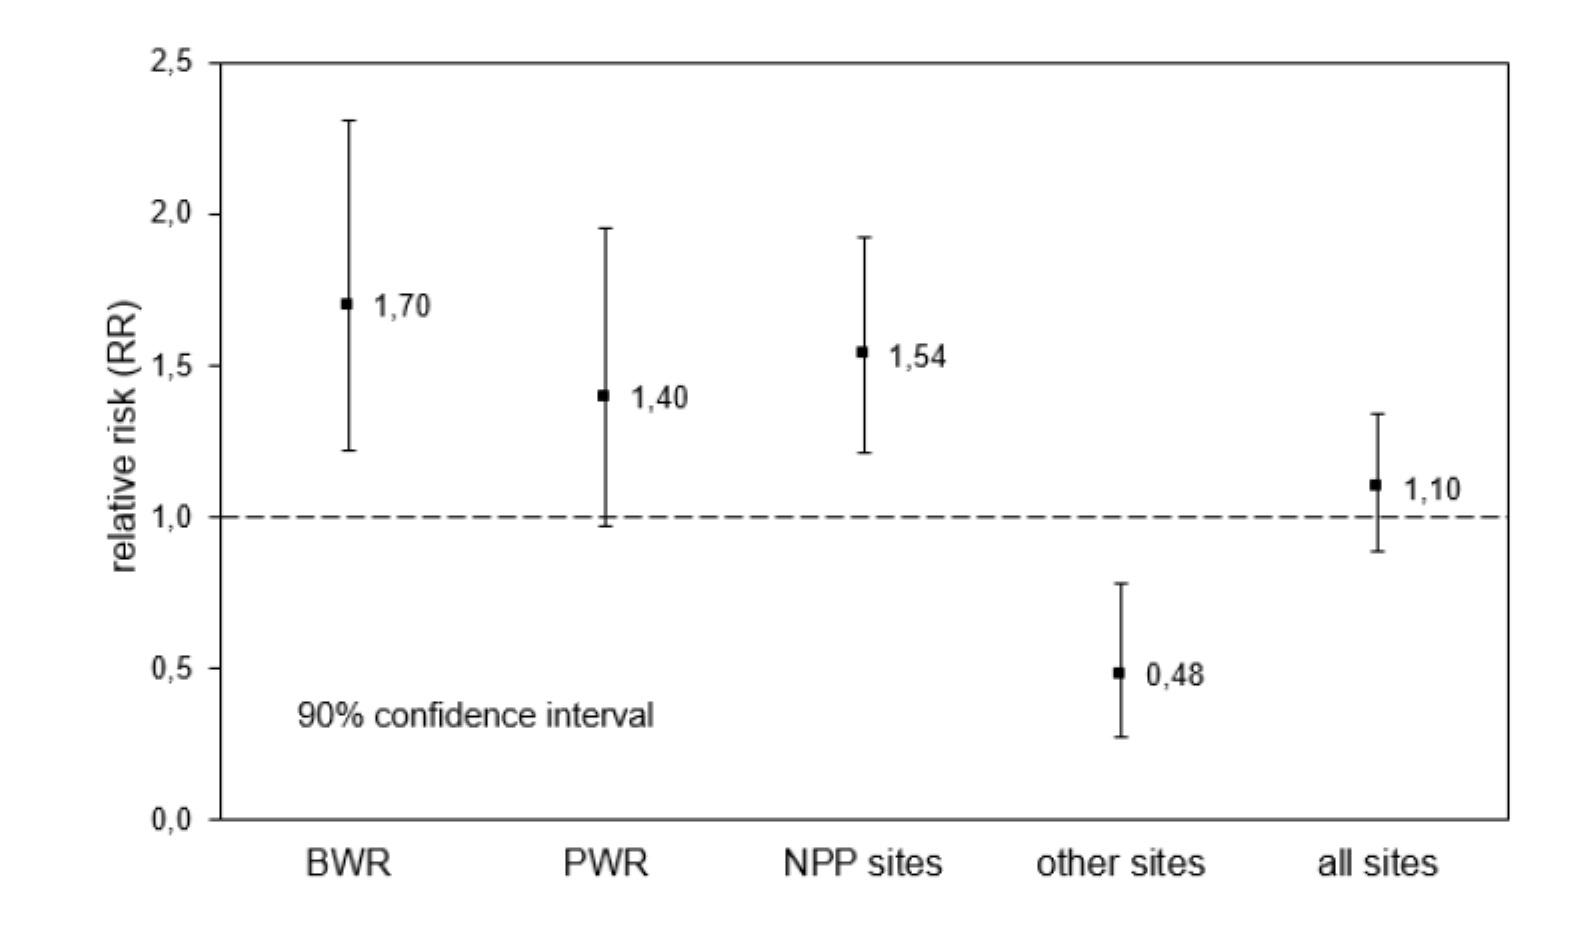 Relativní srovnání rizika rakoviny u dětí do pěti let ve vzdálenosti do pěti kilometrů od elektrárny a ve vzdálenosti větší. Srovnává se situace v okolí varných reaktorů (BWR), tlakovodních reaktorů (PWR), všech jaderných elekt